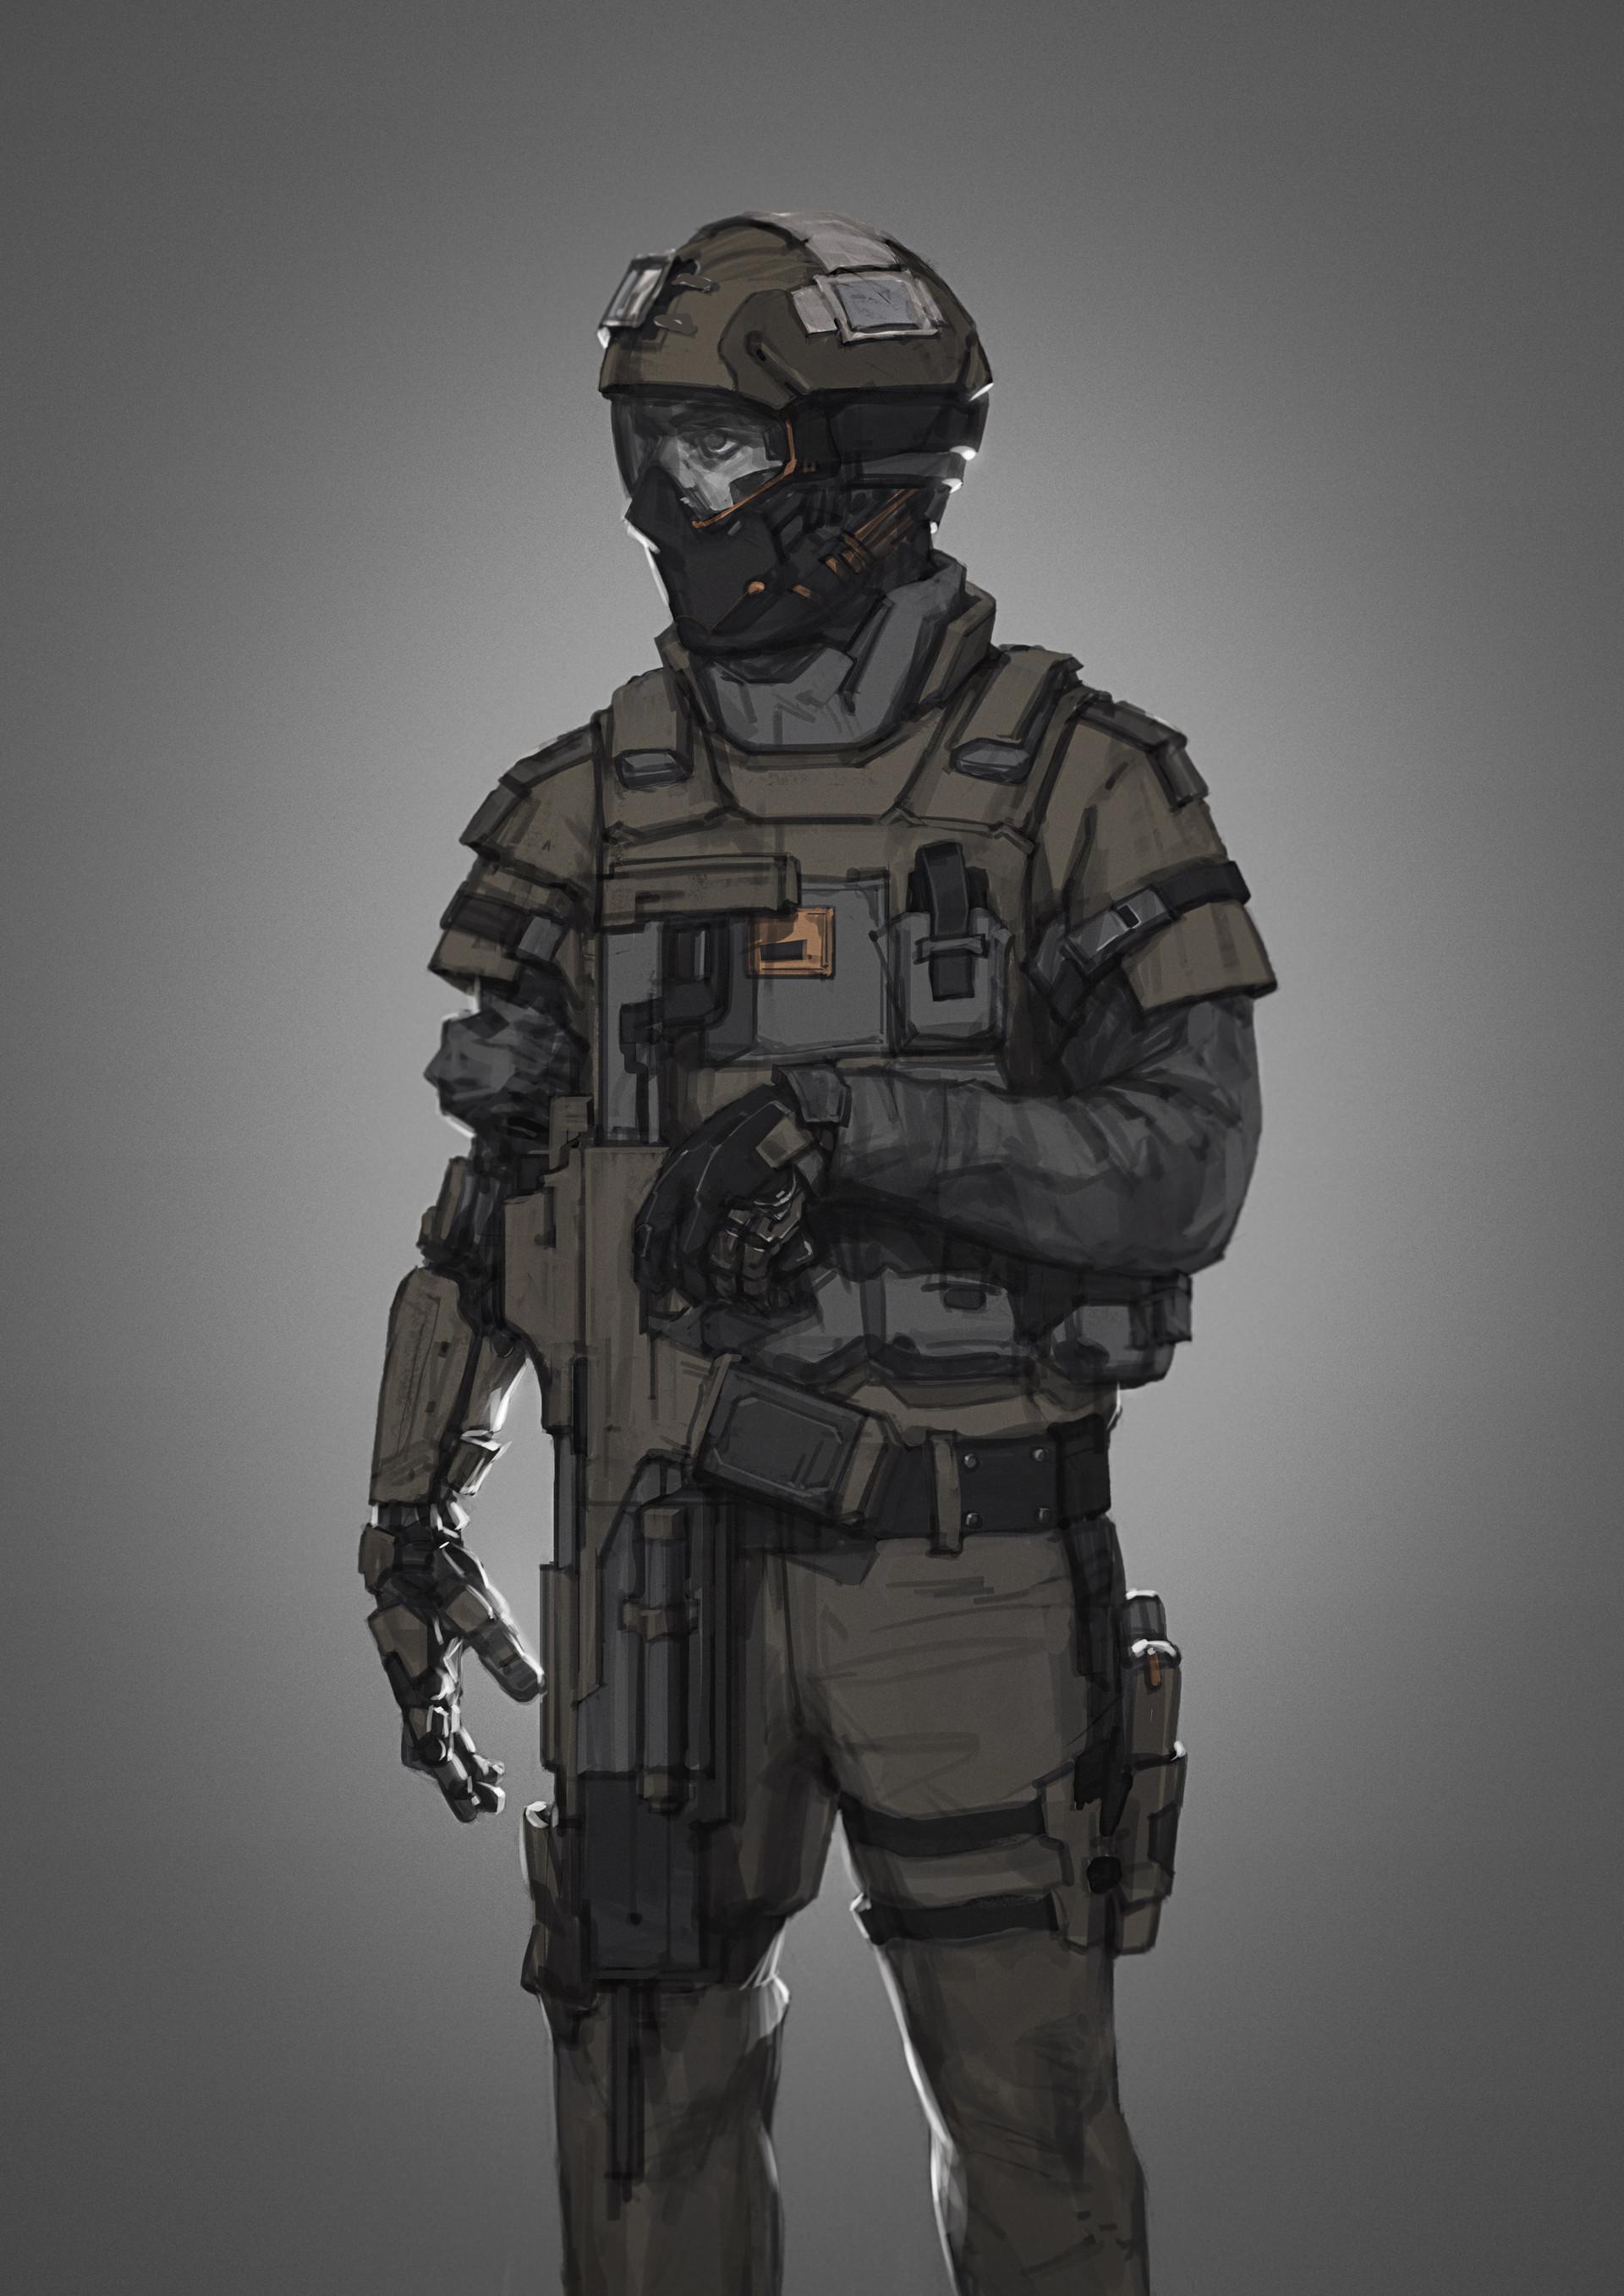 Soldier art photo